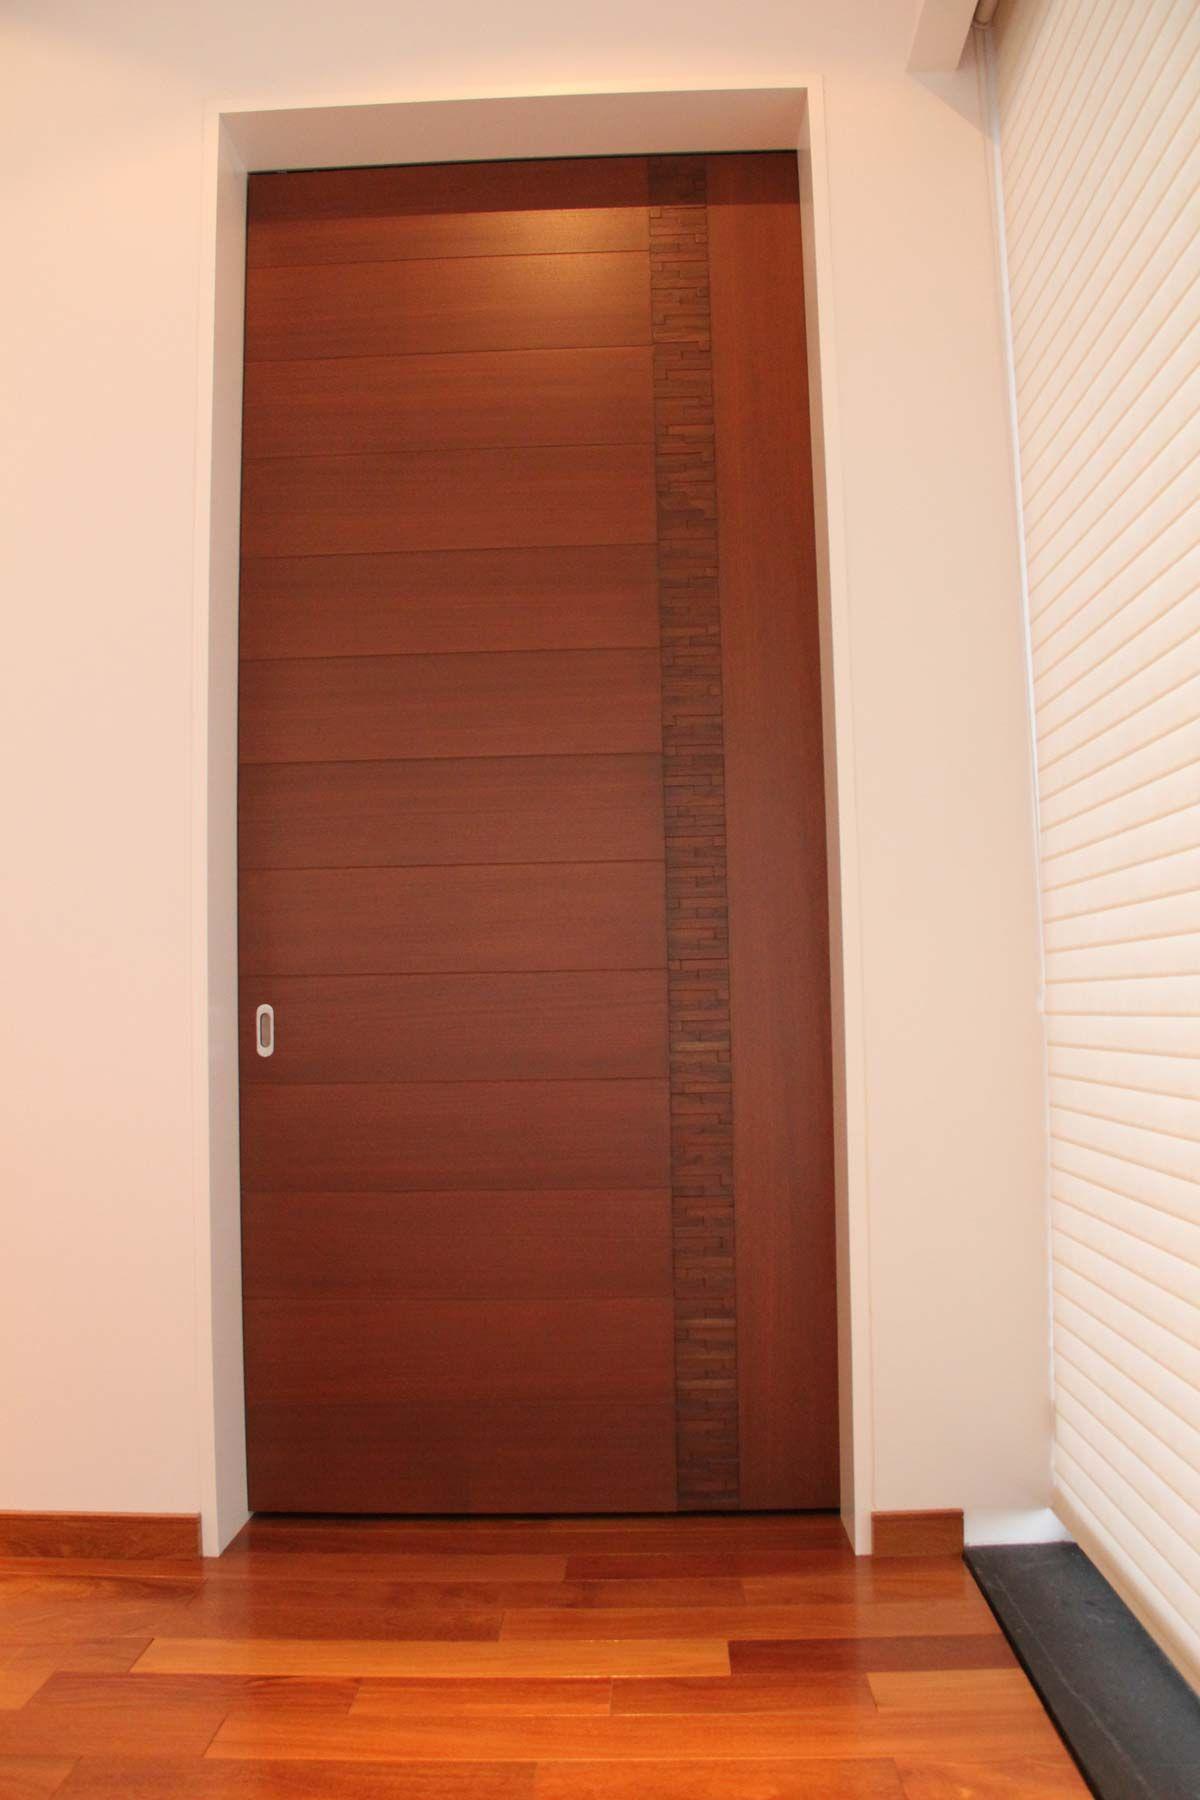 Puertas baratas de interior trendy puertas de interior baratas ikea maravilloso puertas de - Puertas de interior baratas ikea ...